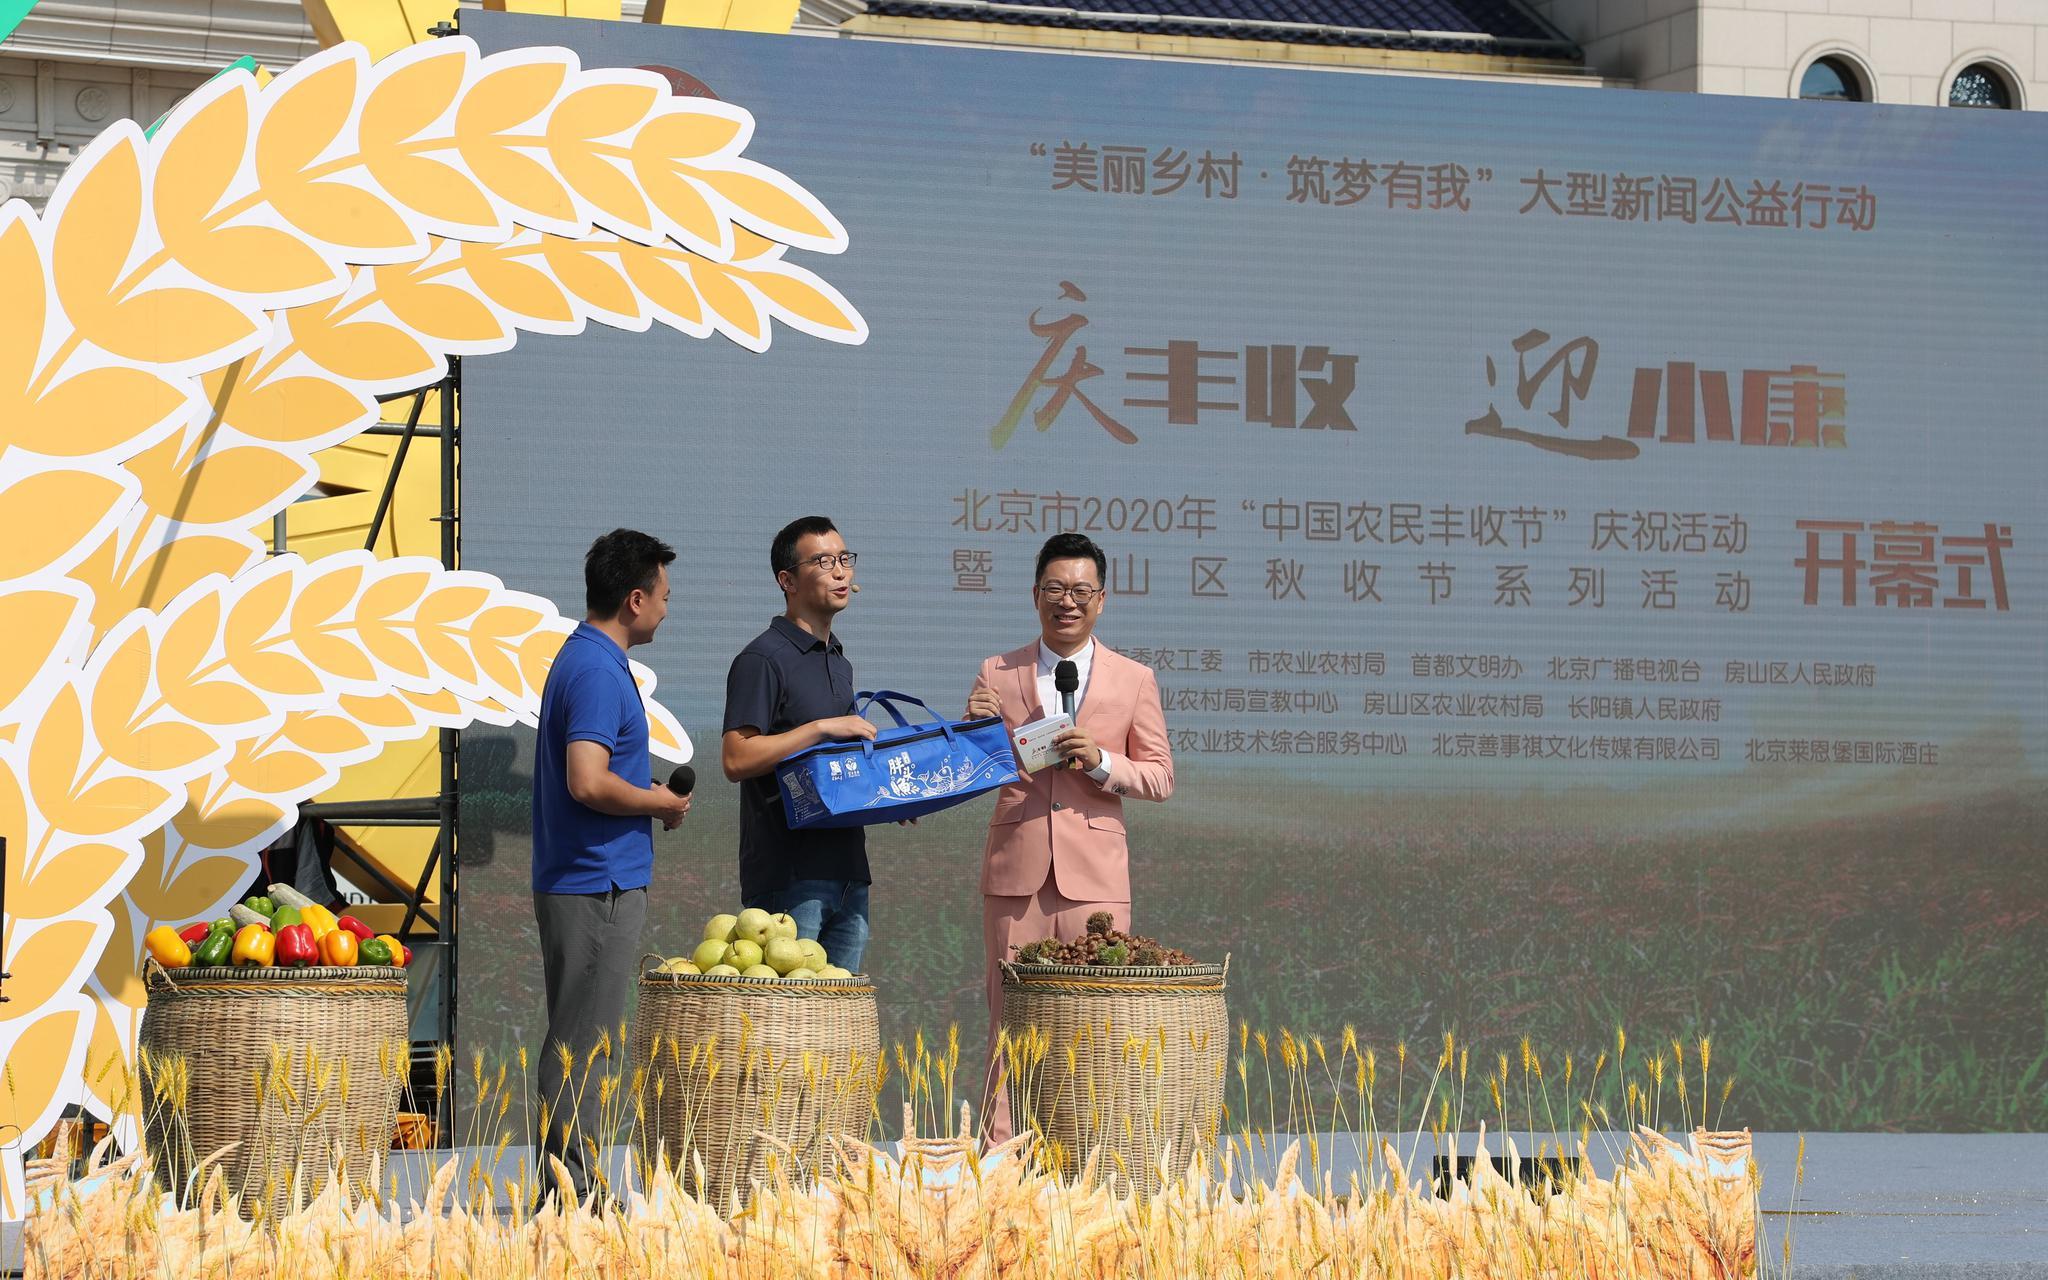 秋分丰收时 北京开展60余场活动庆秋收